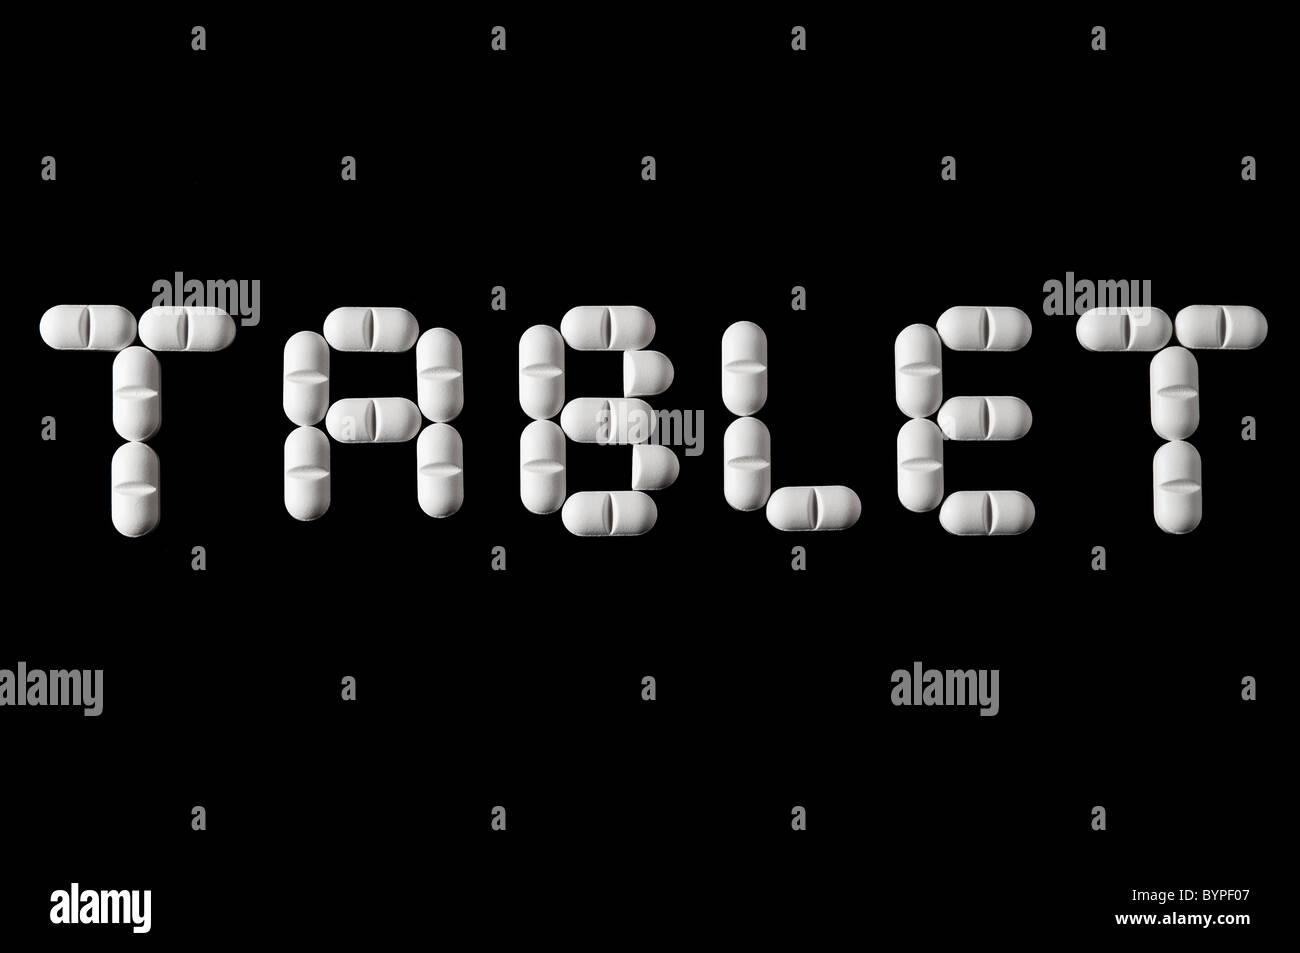 das Wort Tablet, englisch fuer Tablette aus einzelnen Tabletten zusammengesetzt Word tablet build with tablets - Stock Image